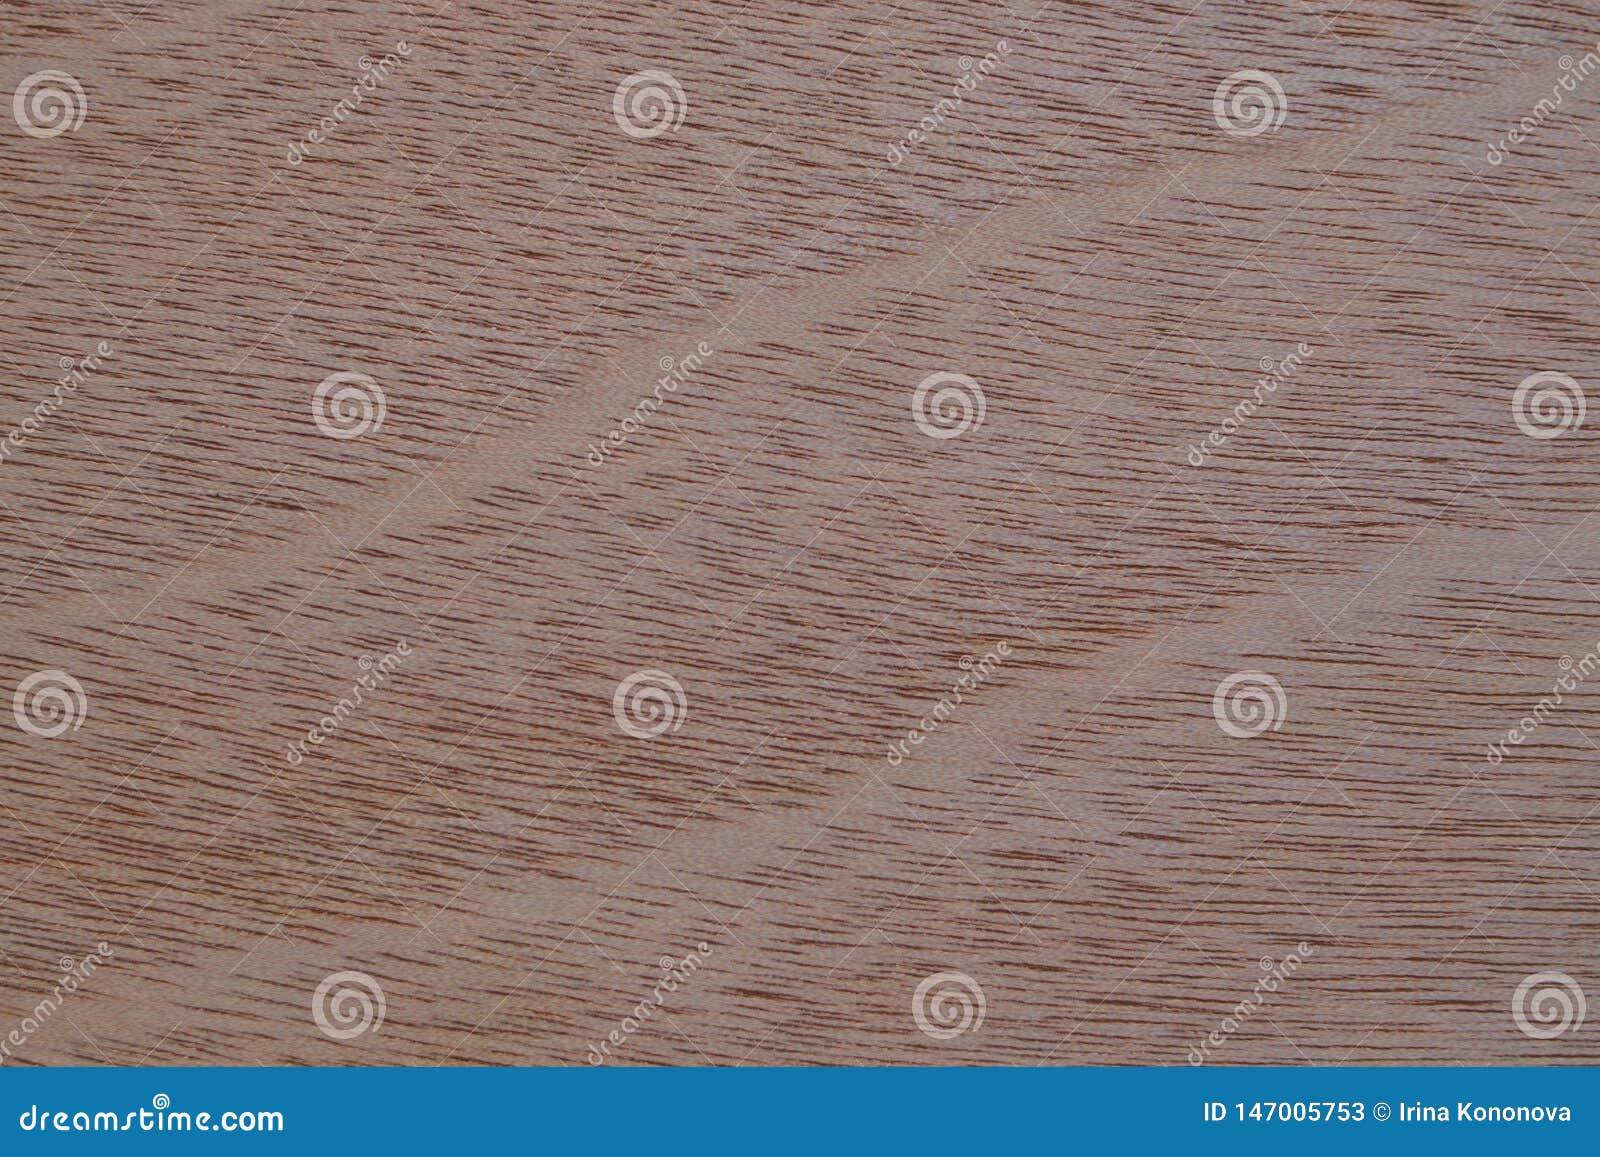 Fondo de madera en tonos marrones ligeros y oscuros